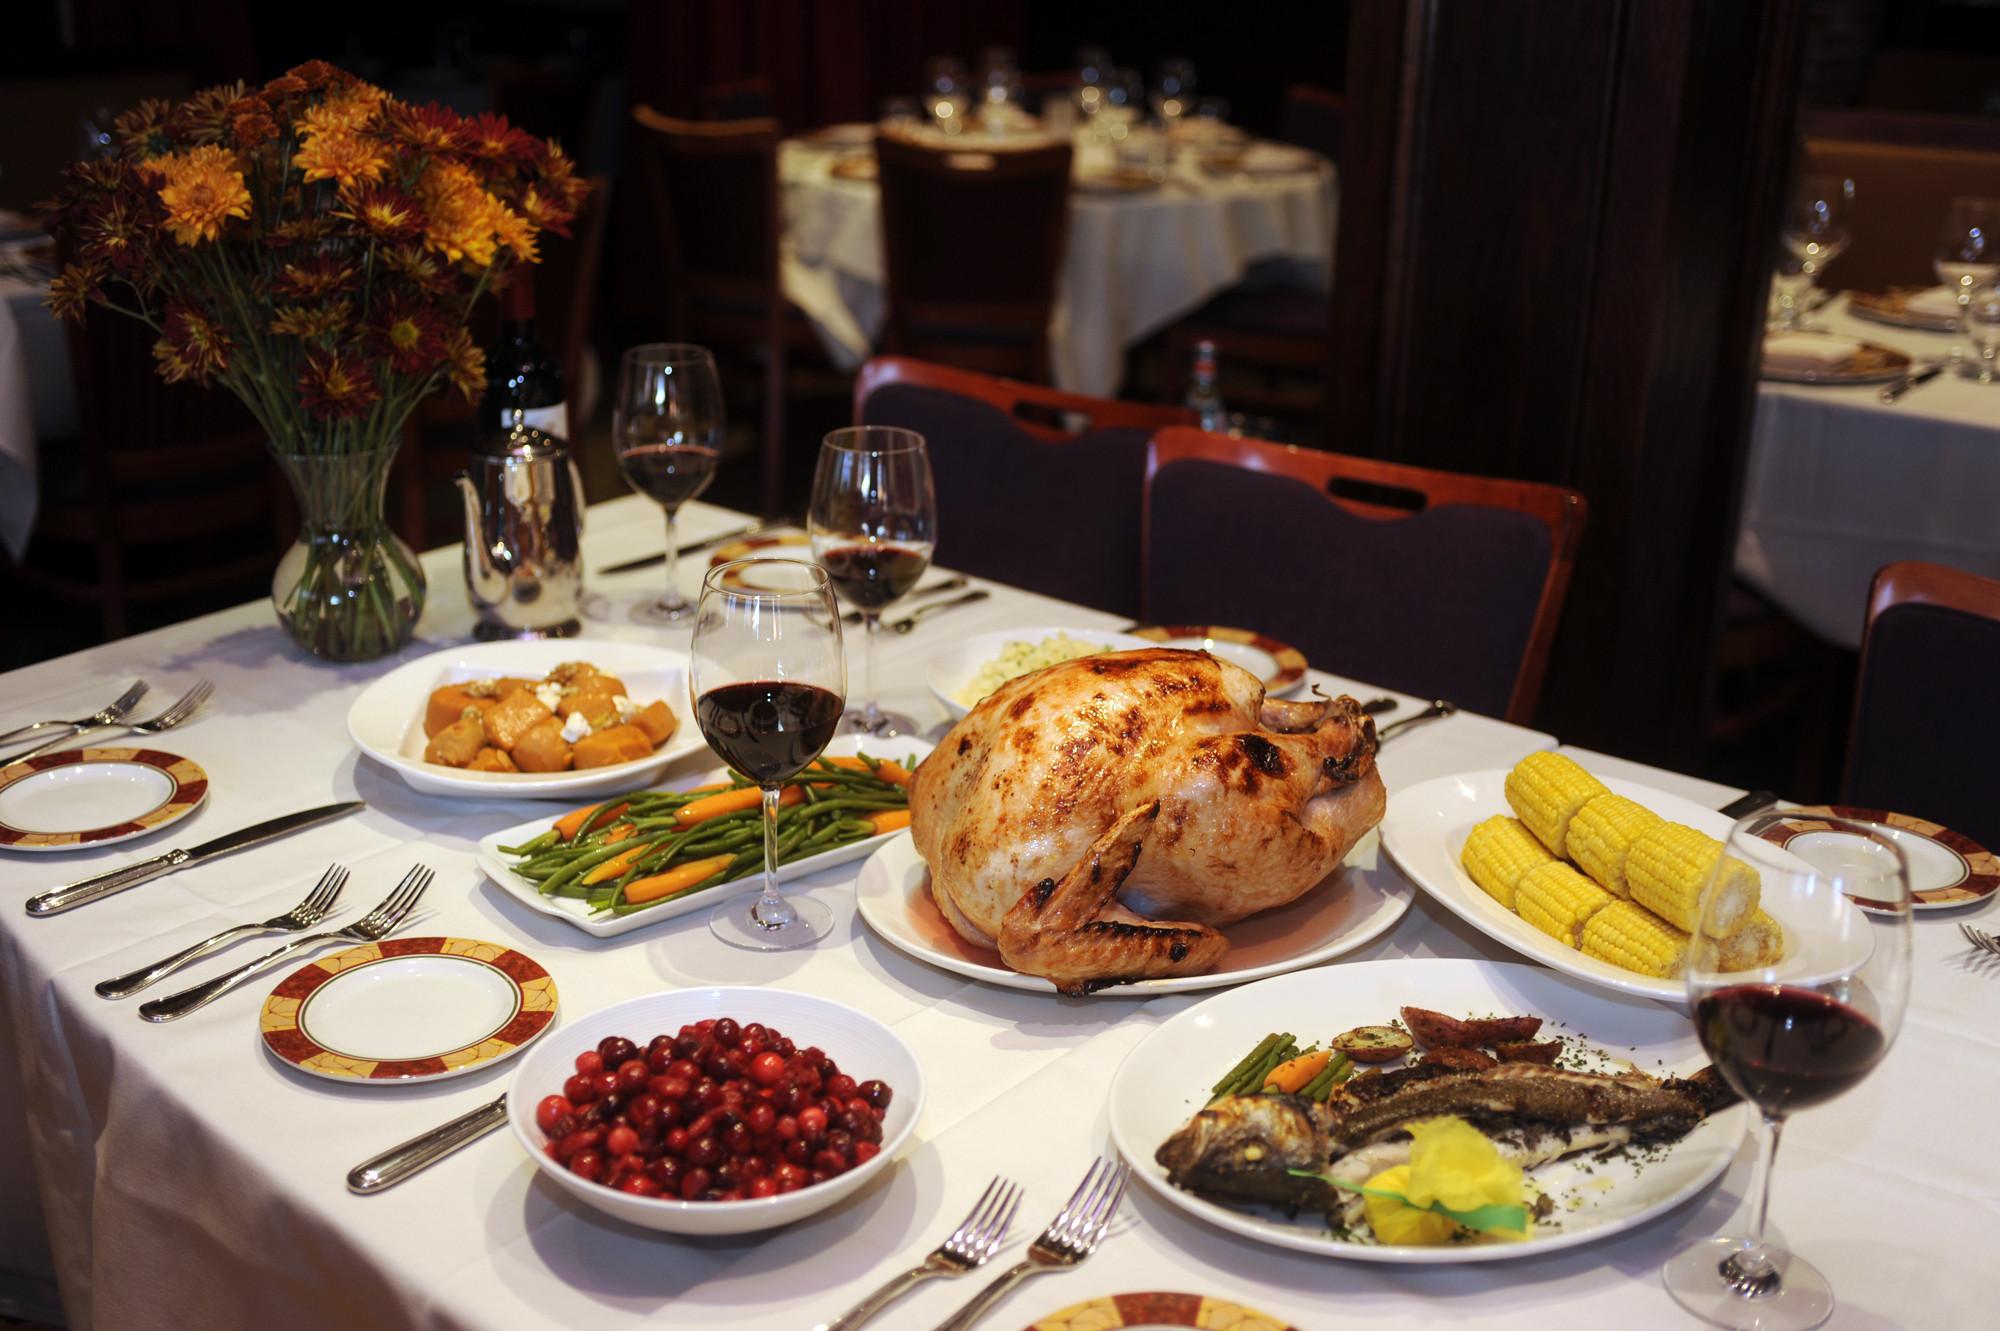 Thanksgiving Breakfast Restaurants  Where to dine on Thanksgiving Day in Baltimore Baltimore Sun